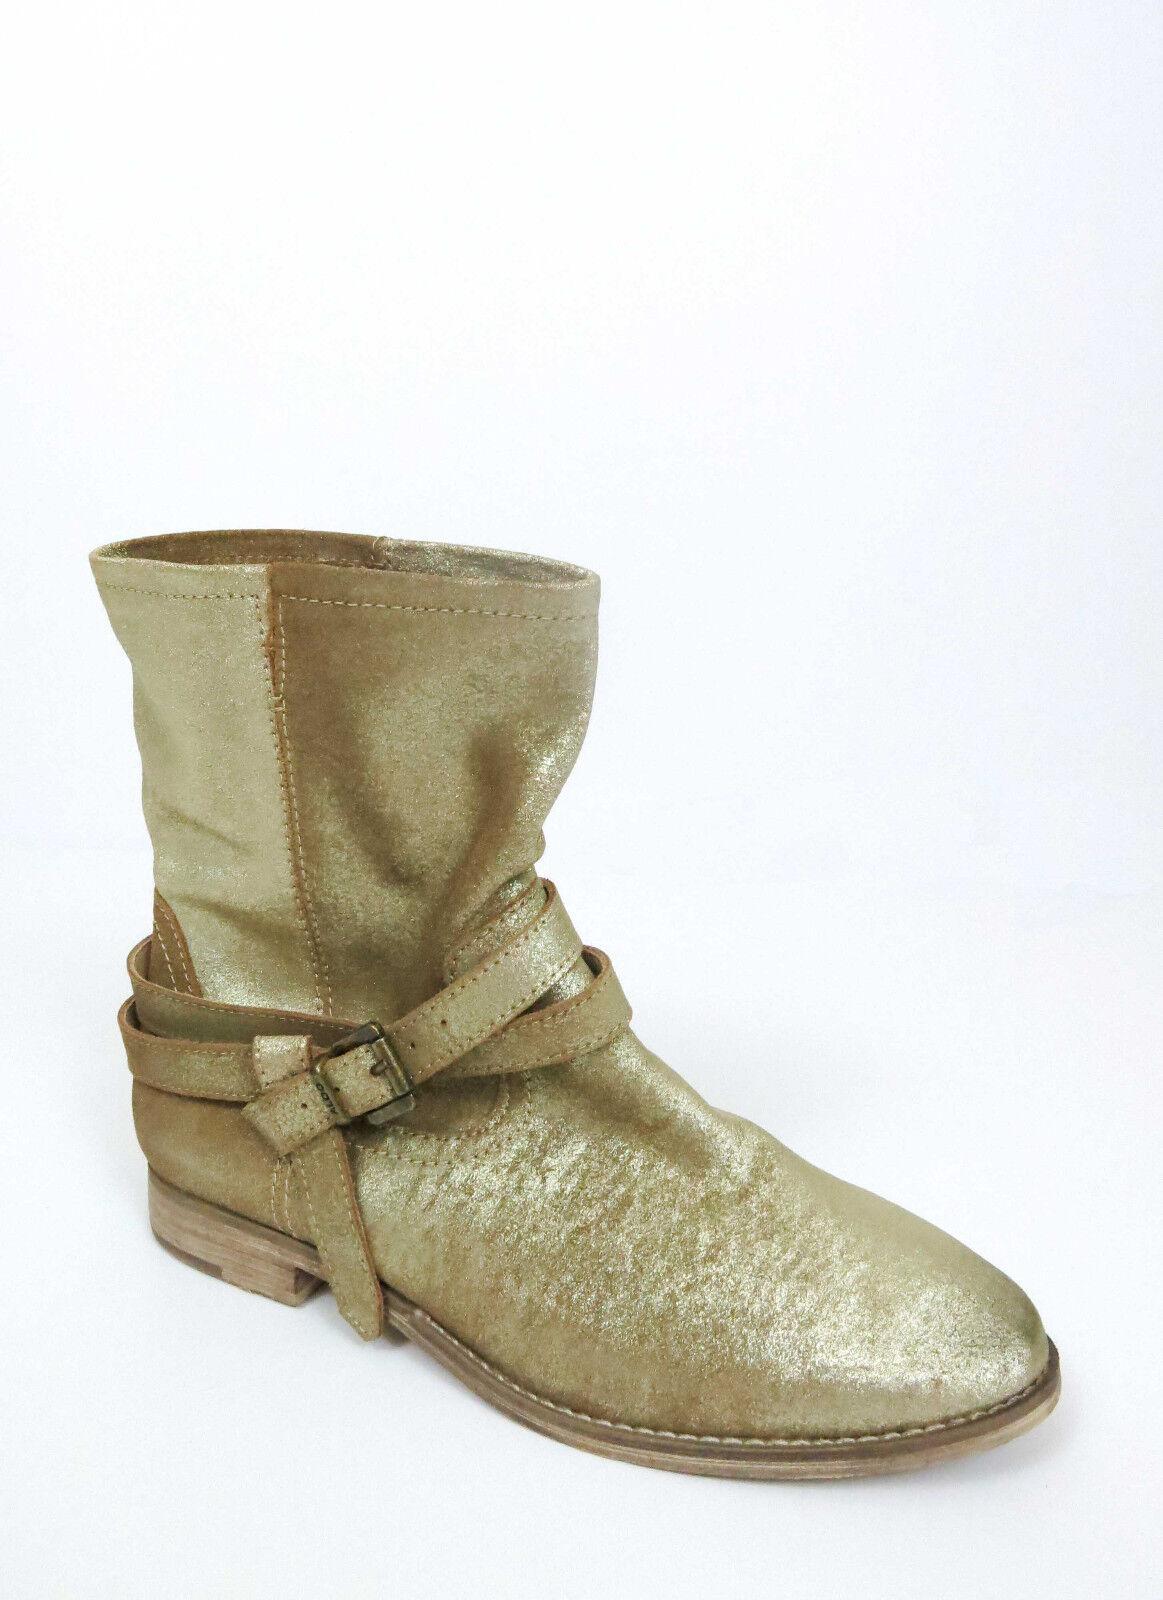 Aldo para Mujer Moda botas gamuza al Tobillo Hebilla Correa de cuero de gamuza botas oro 7.5 919b0a